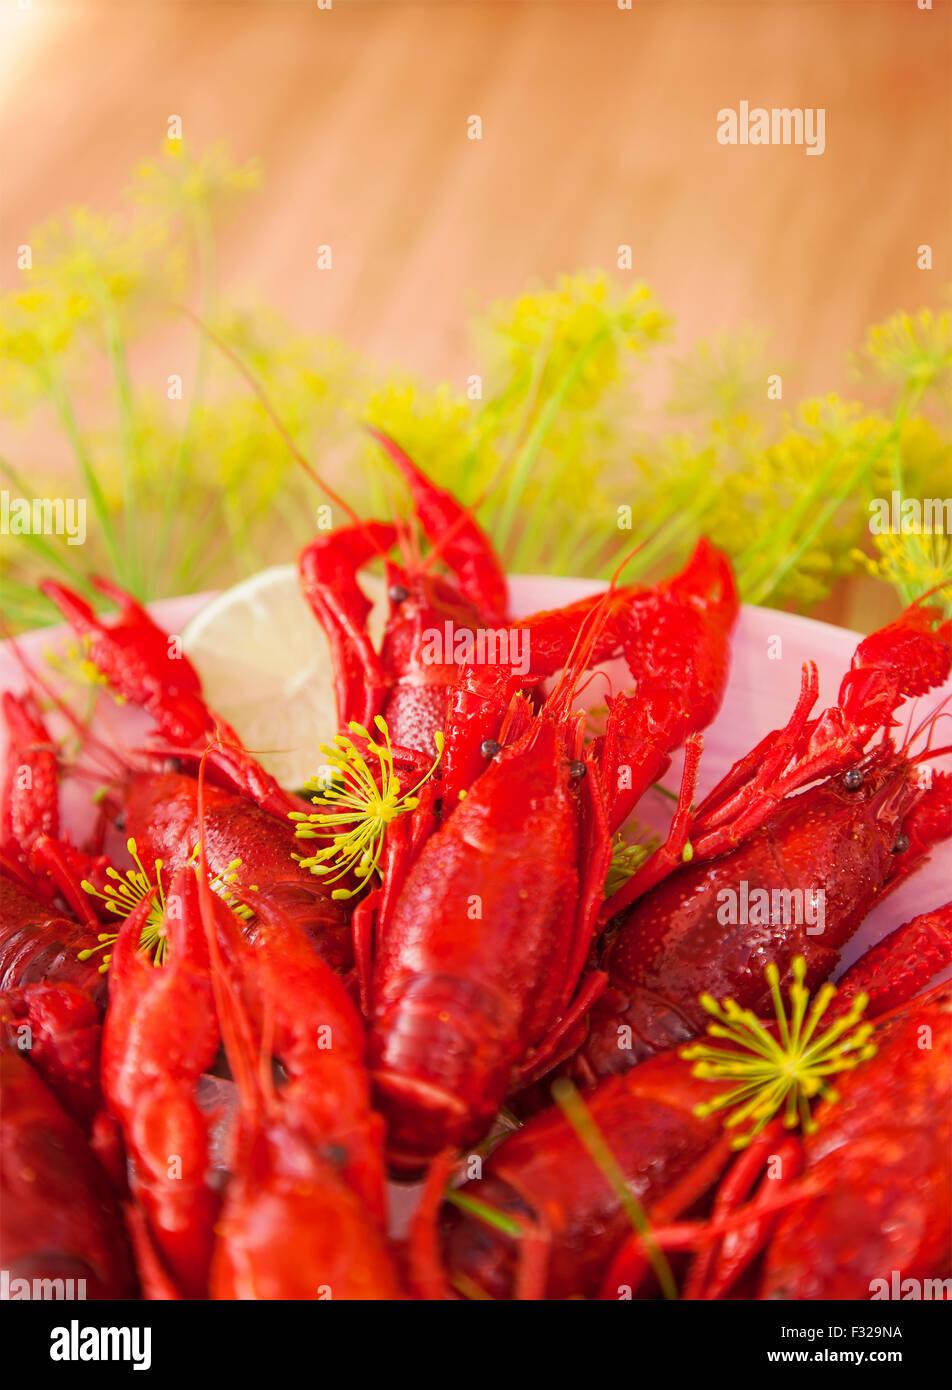 Imagen del cangrejo recién cocinados. Foto de stock